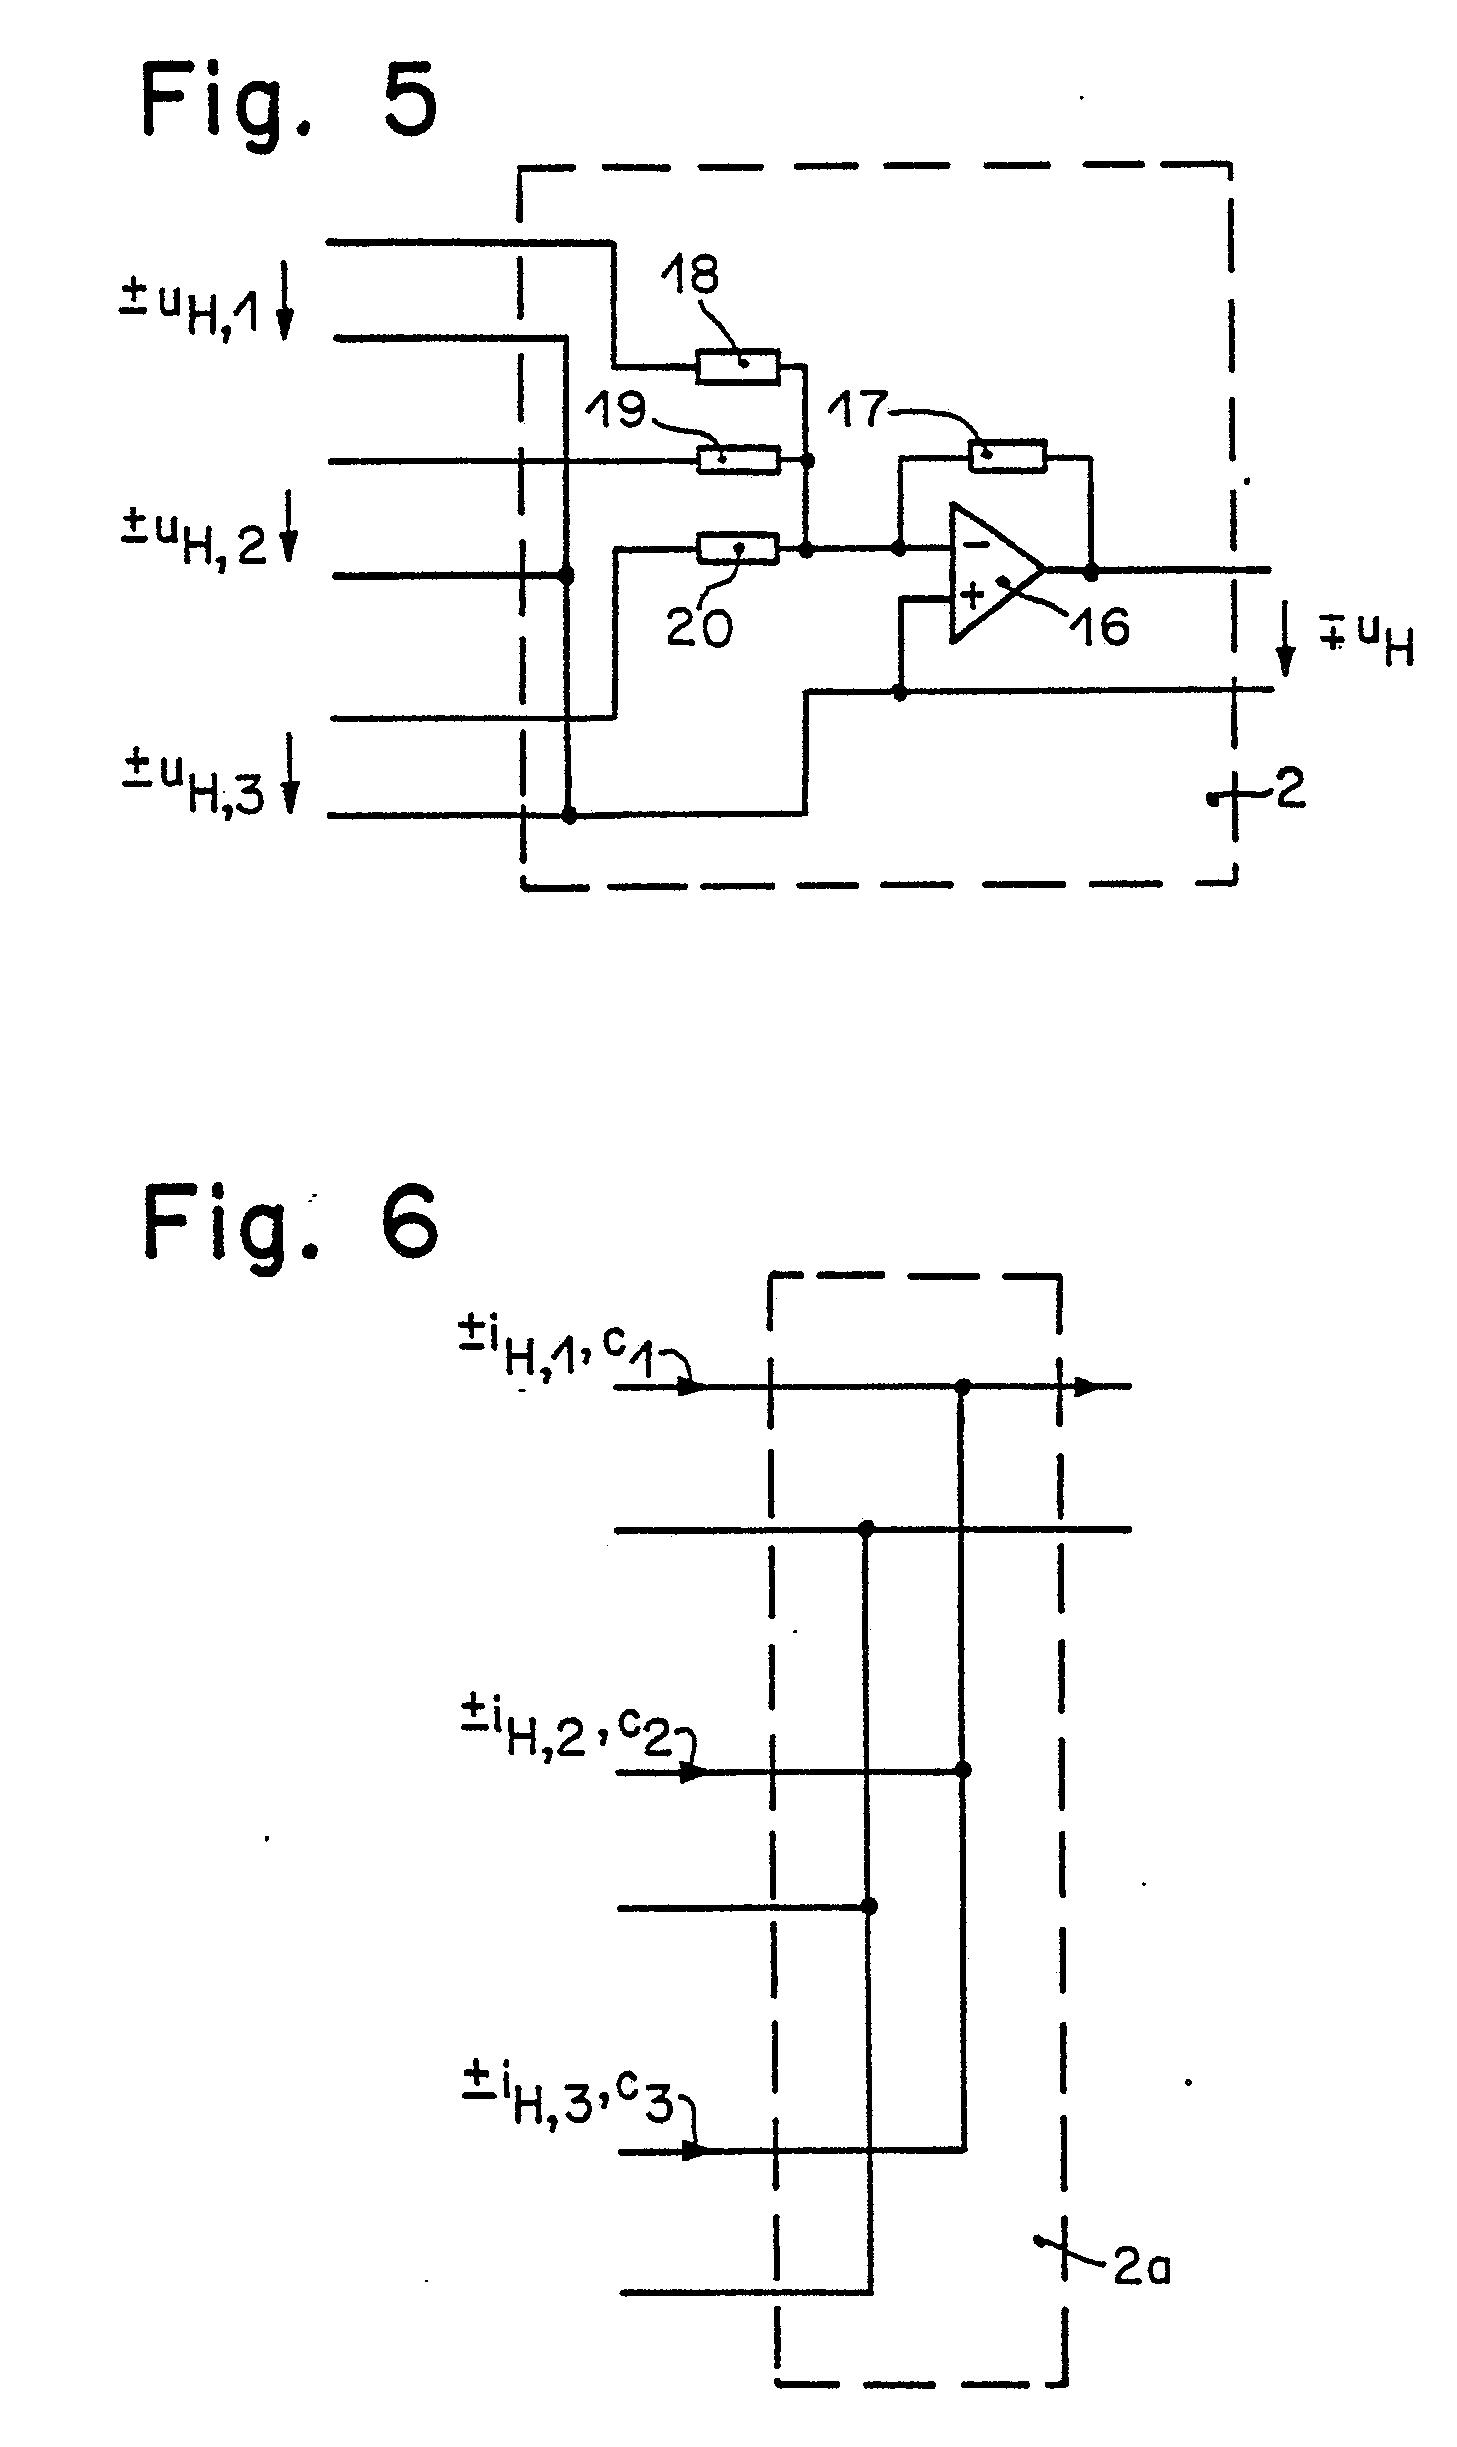 patente ep0302171a1 anordnung zur umwandlung eines elektrischen mehrphasensignals in eine. Black Bedroom Furniture Sets. Home Design Ideas